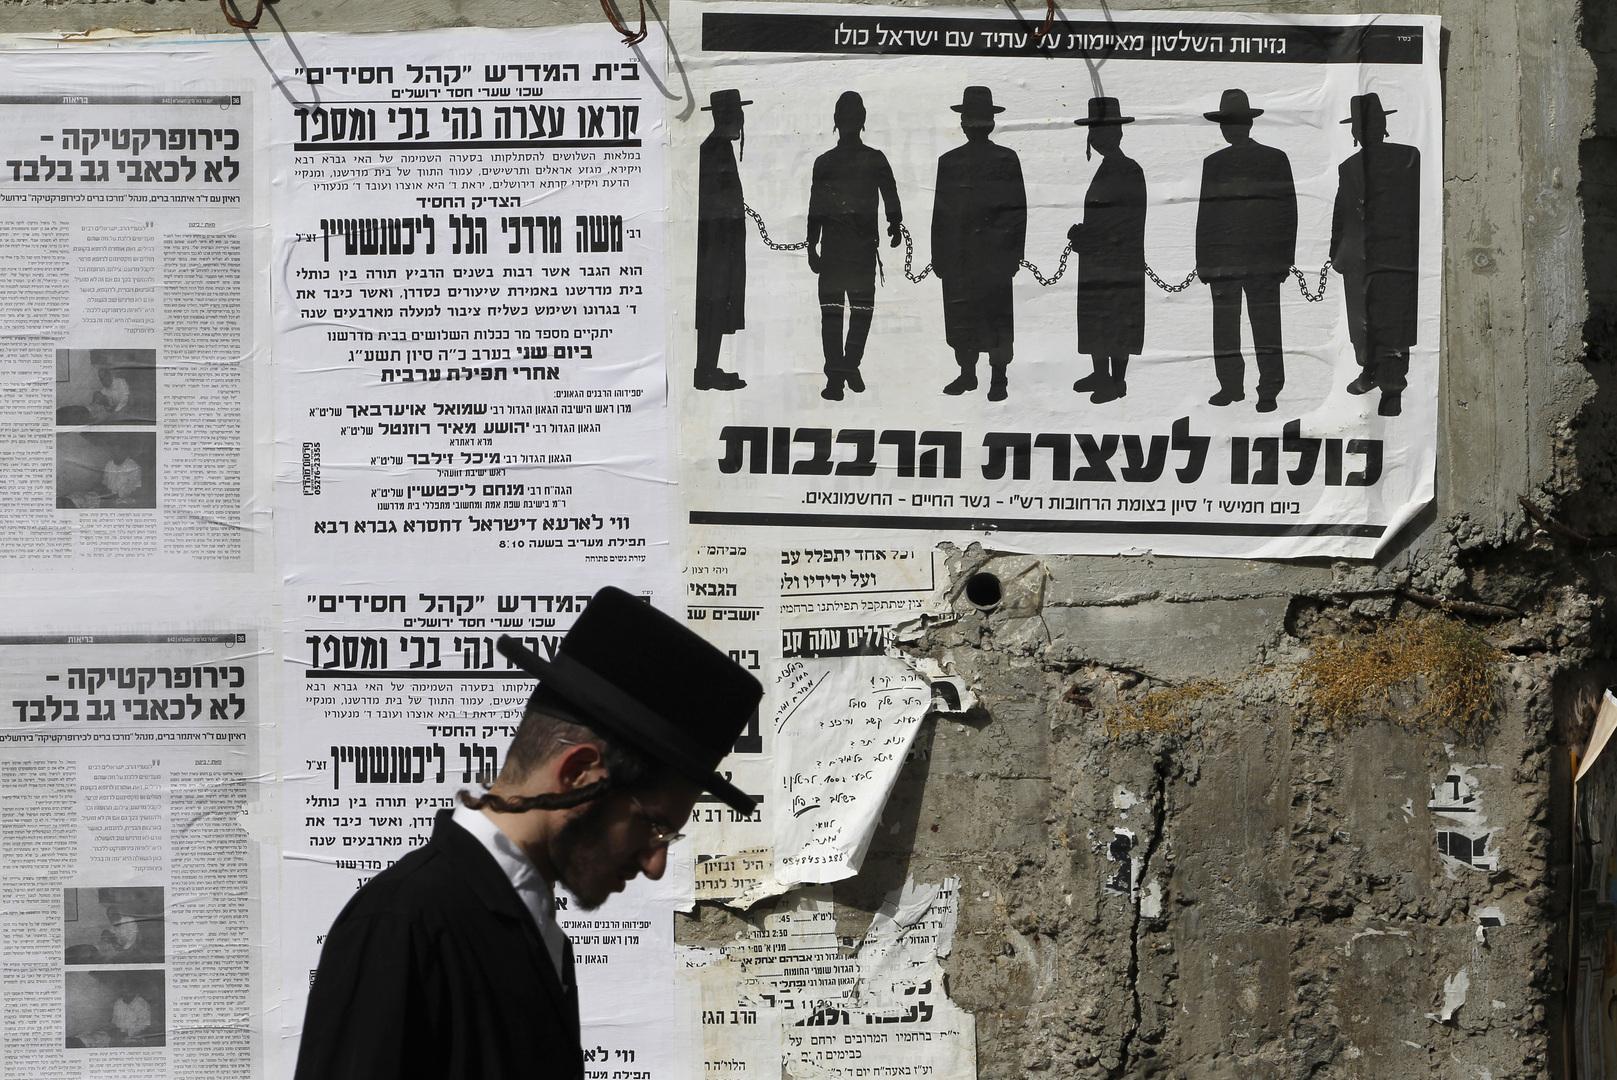 تحرك أمريكي إسرائيلي إثر مخاوف من دخول أعضاء طائفة حريدية لإيران واستخدامهم كورقة مساومة